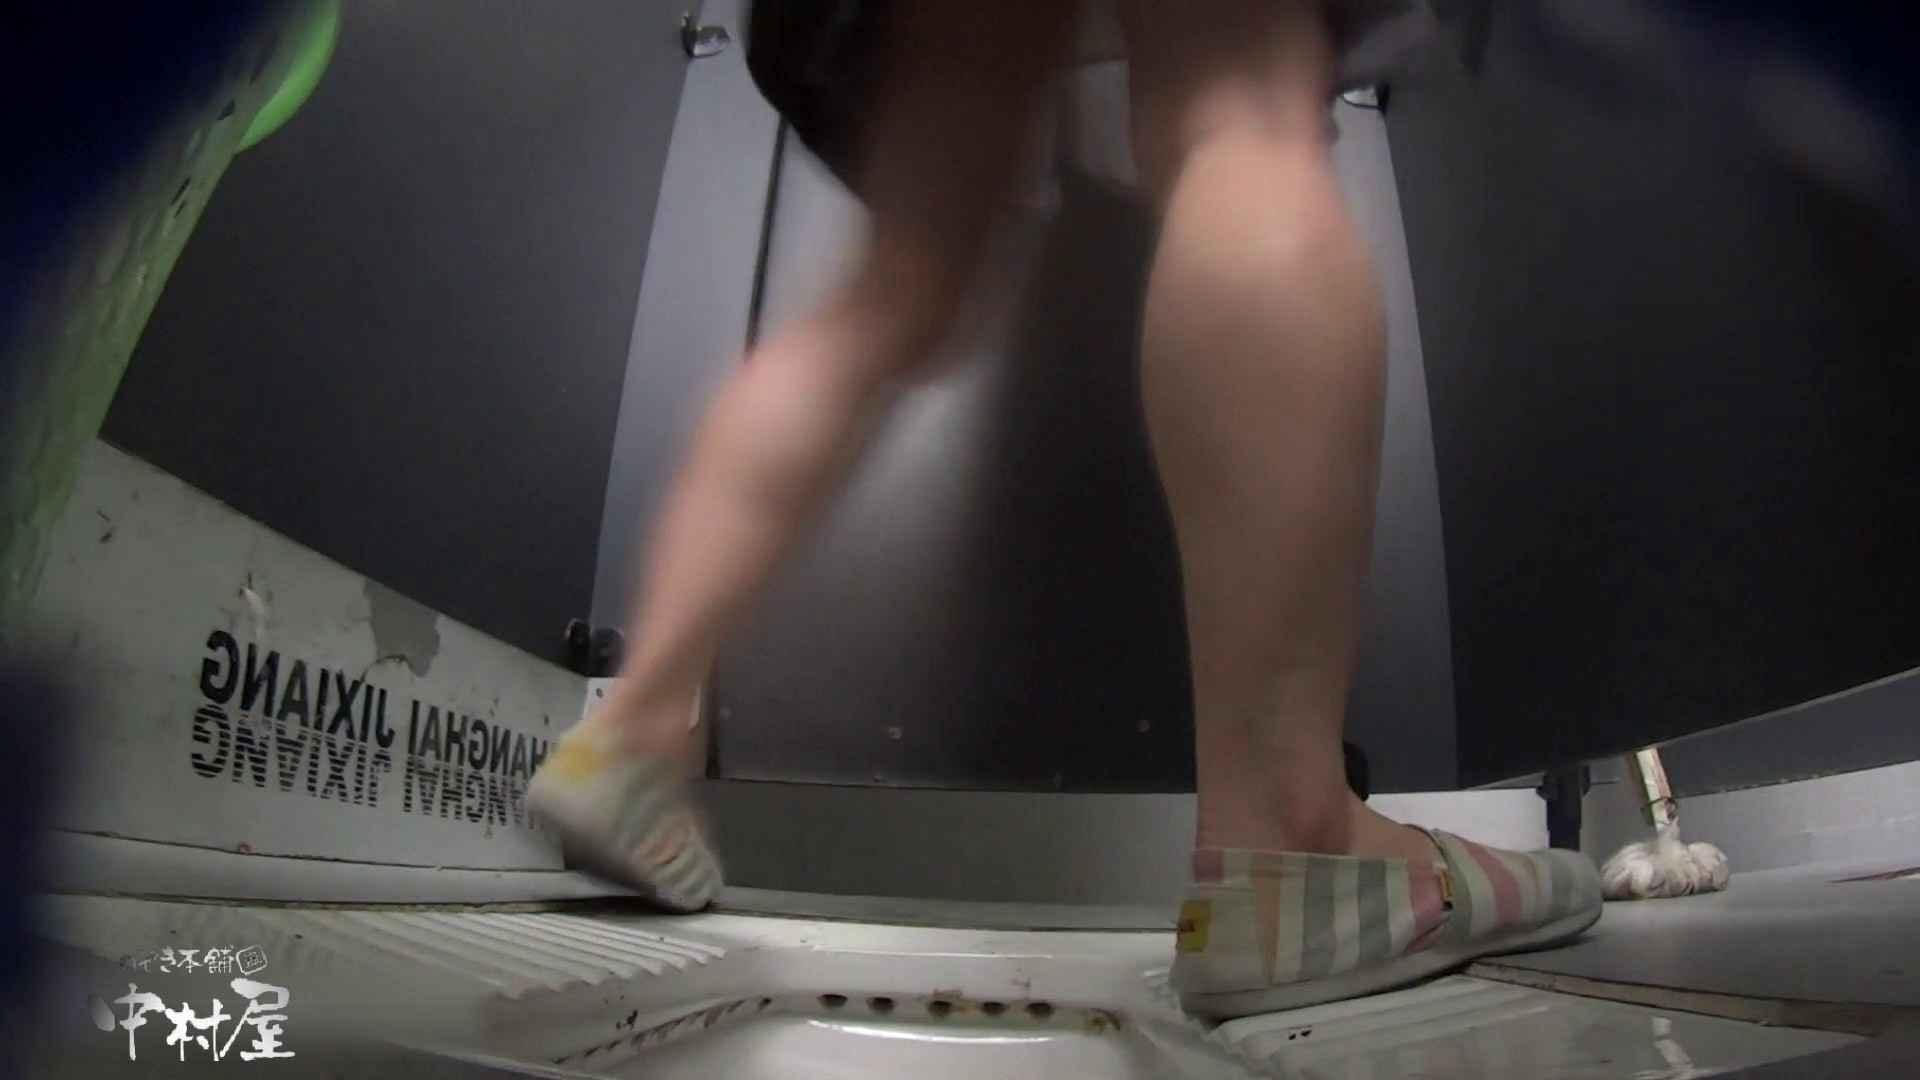 グレースパッツお女市さん 大学休憩時間の洗面所事情31 盗撮  69画像 40